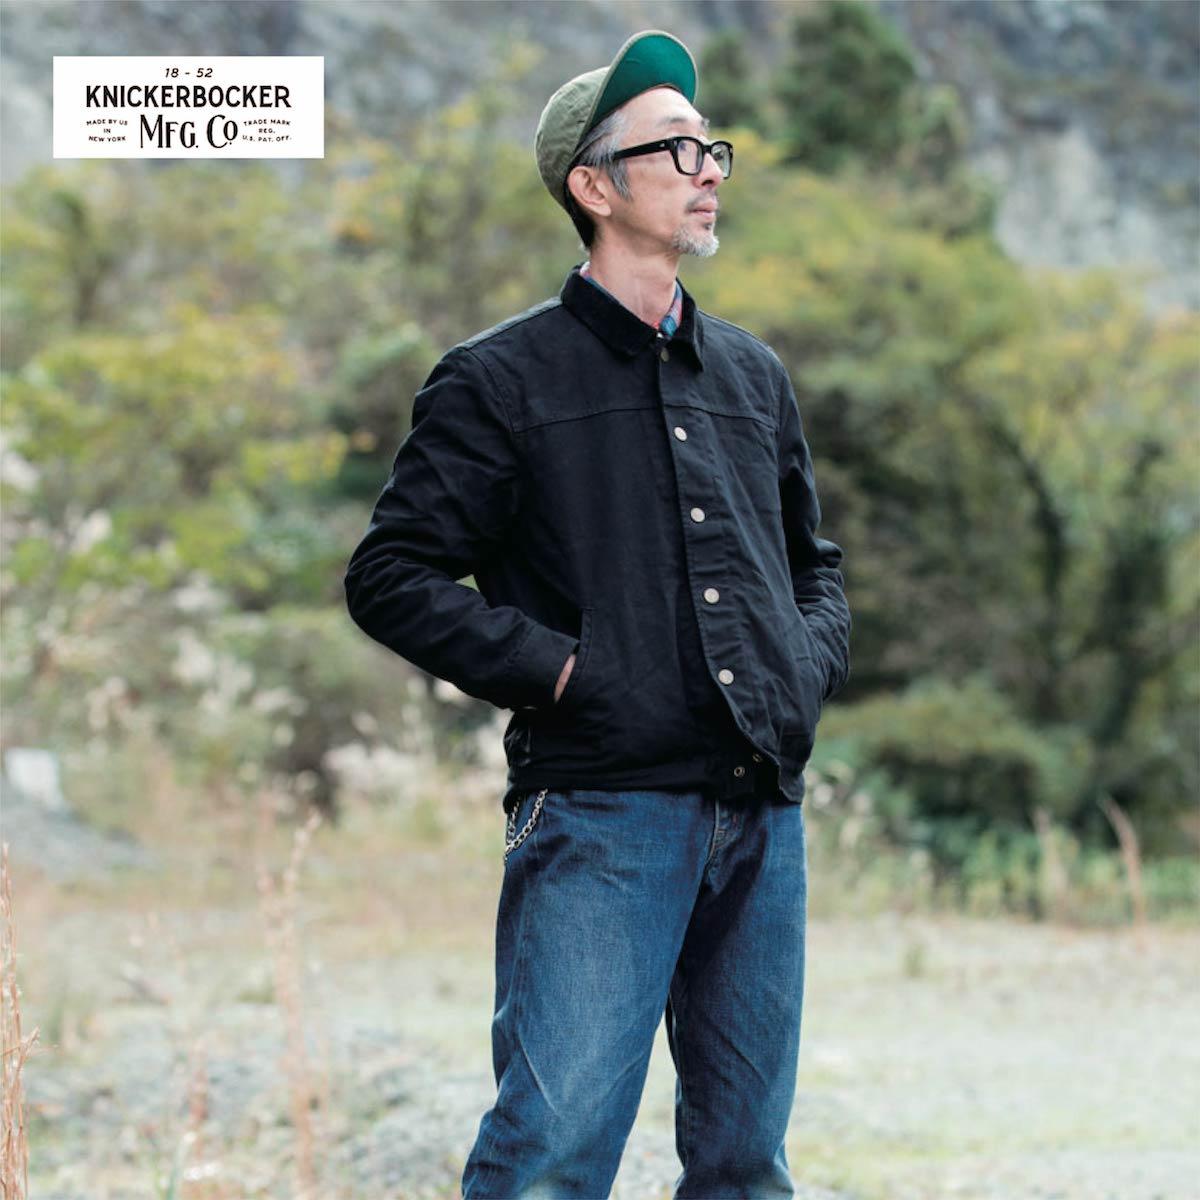 KNICKERBOCKER MFG.CO.(ニッカーボッカー)キャンパス ジャケット アメリカ製 USA製 送料無料【USA】